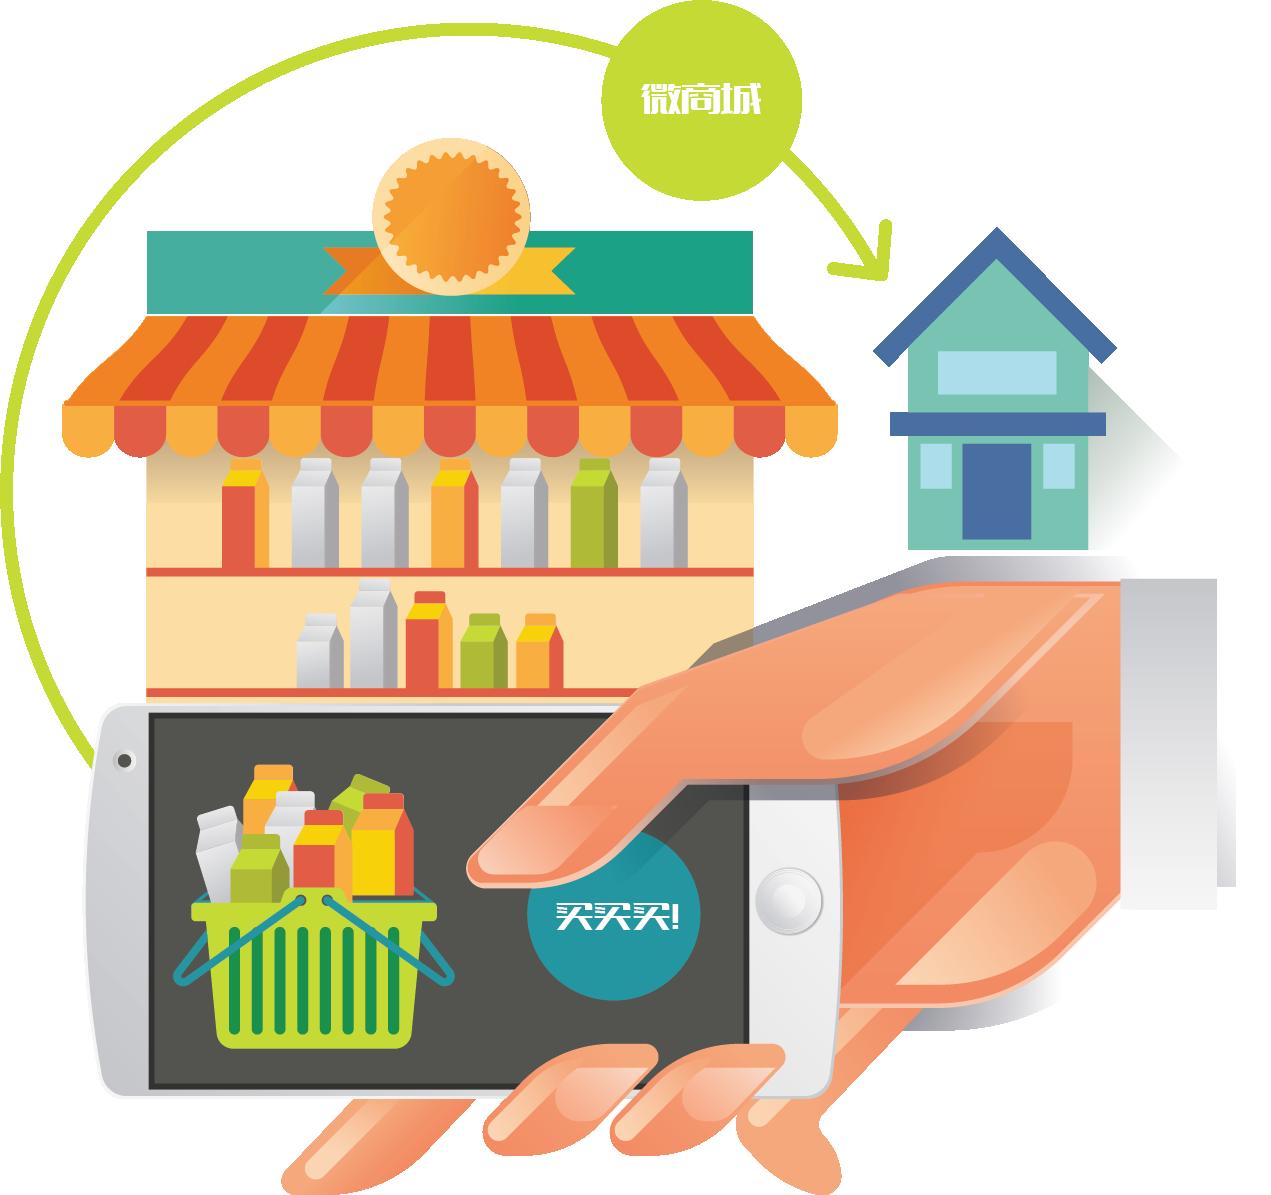 菜虫网络·电商零售小程序微商城小程序